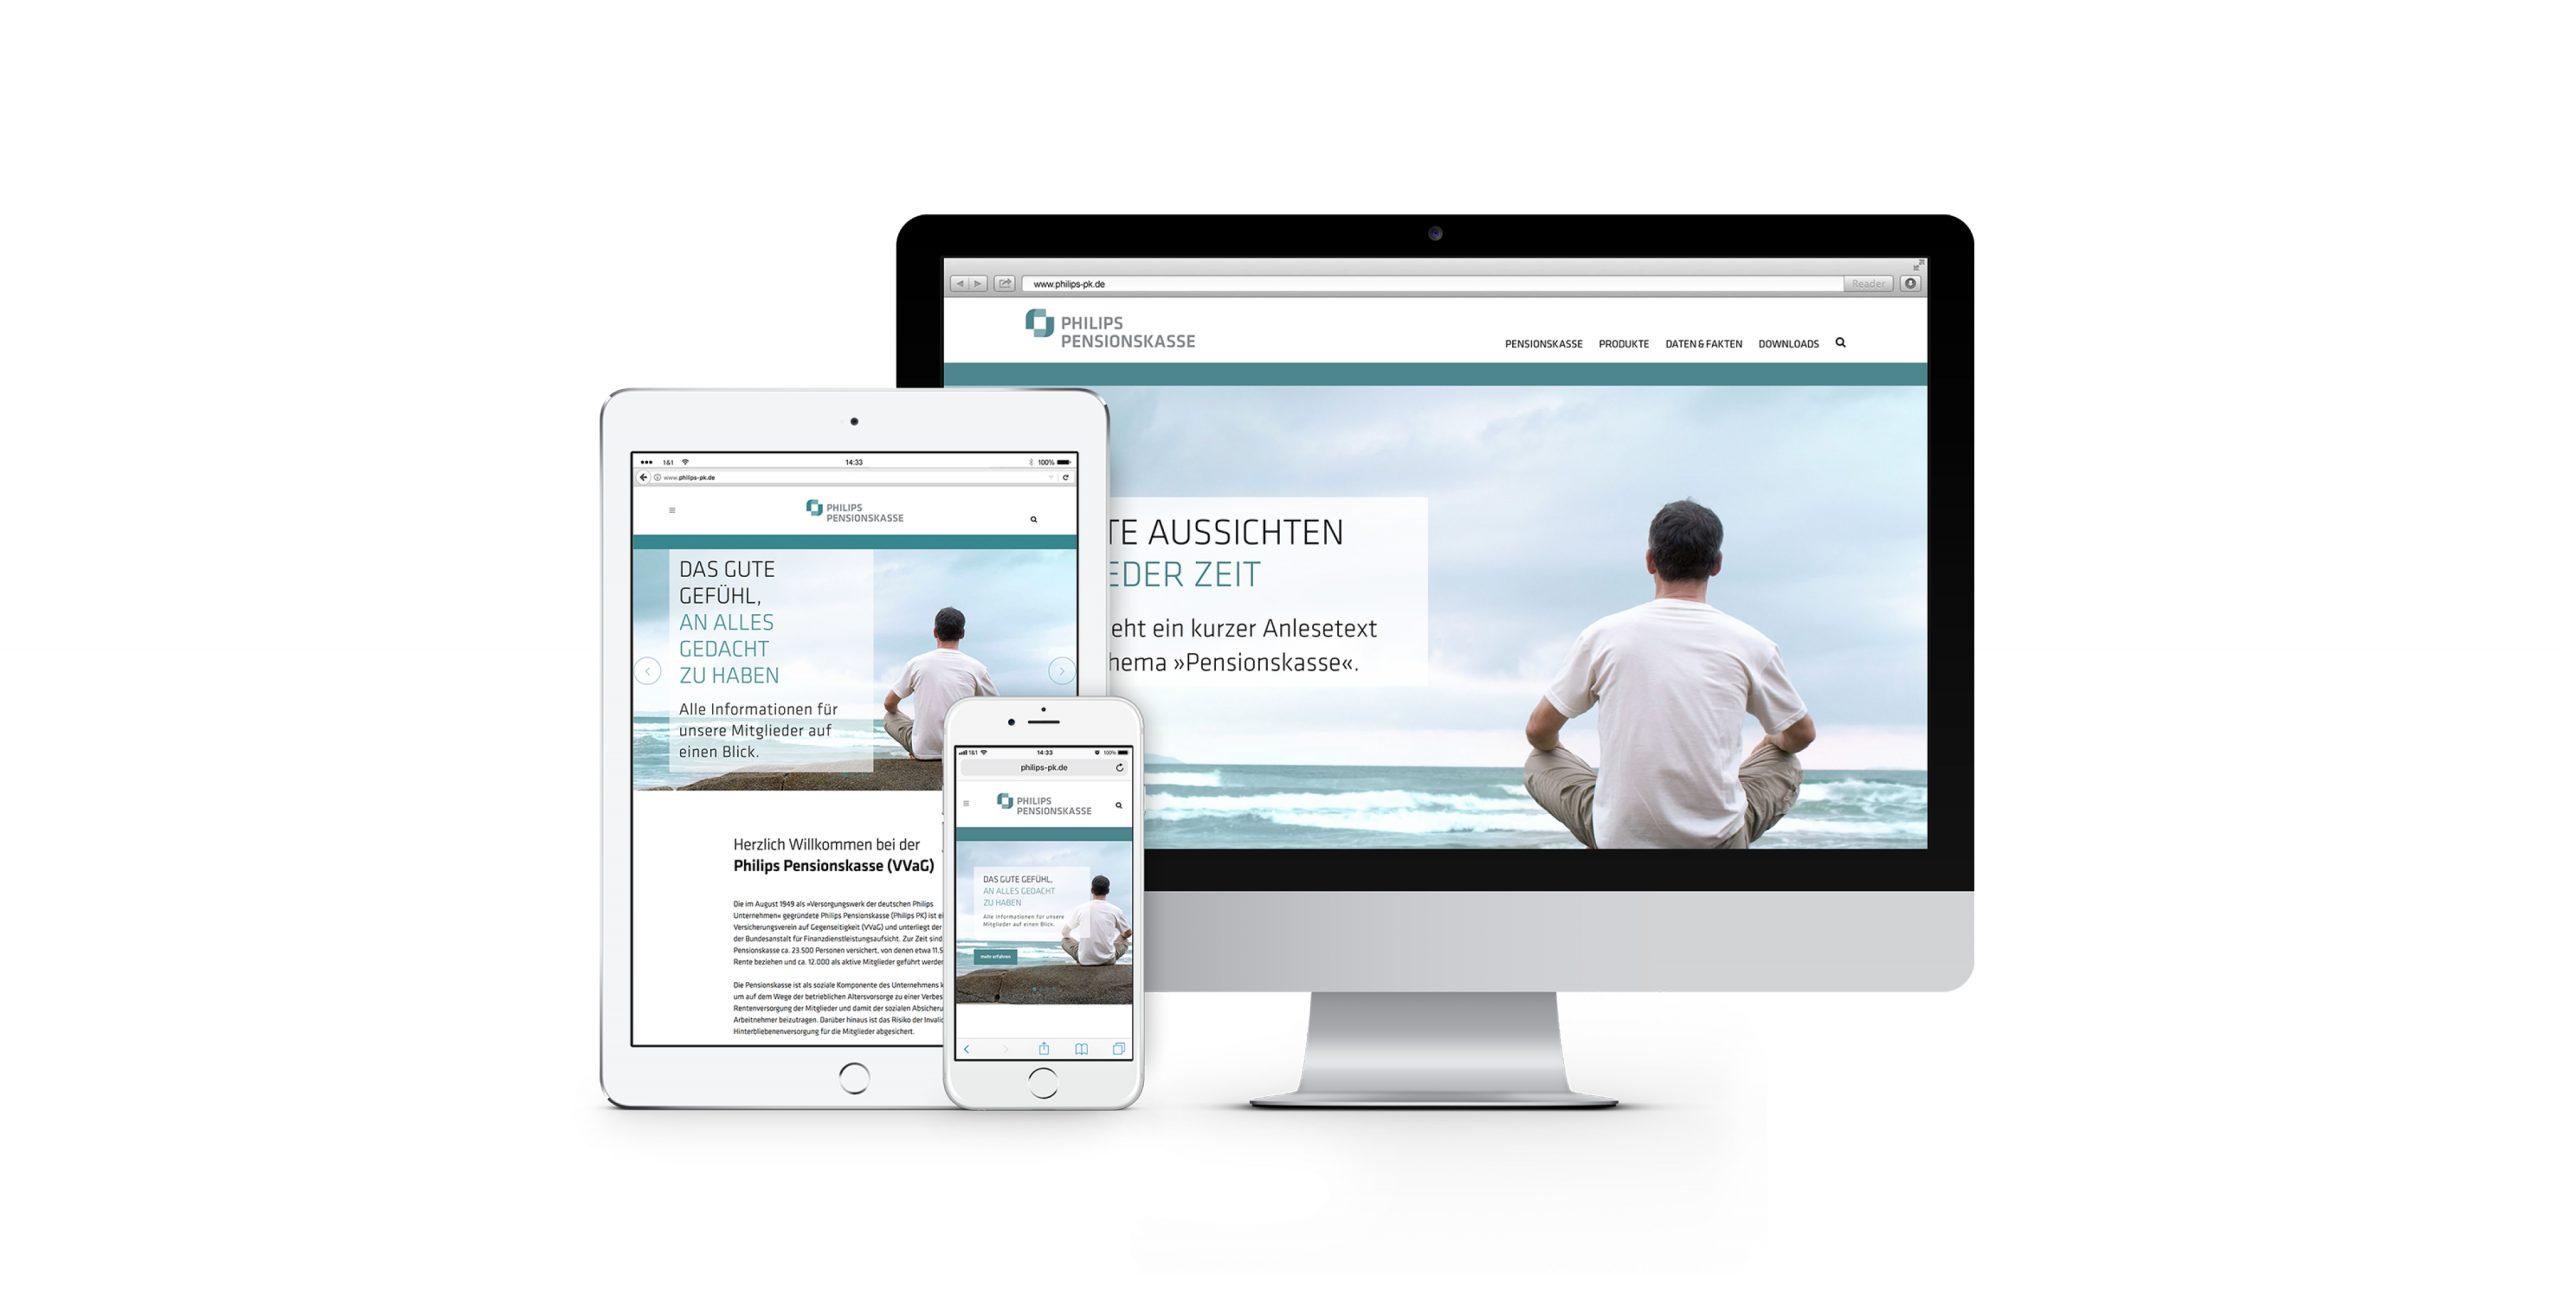 Philips Pensionskasse: Webdesign von Bosbach